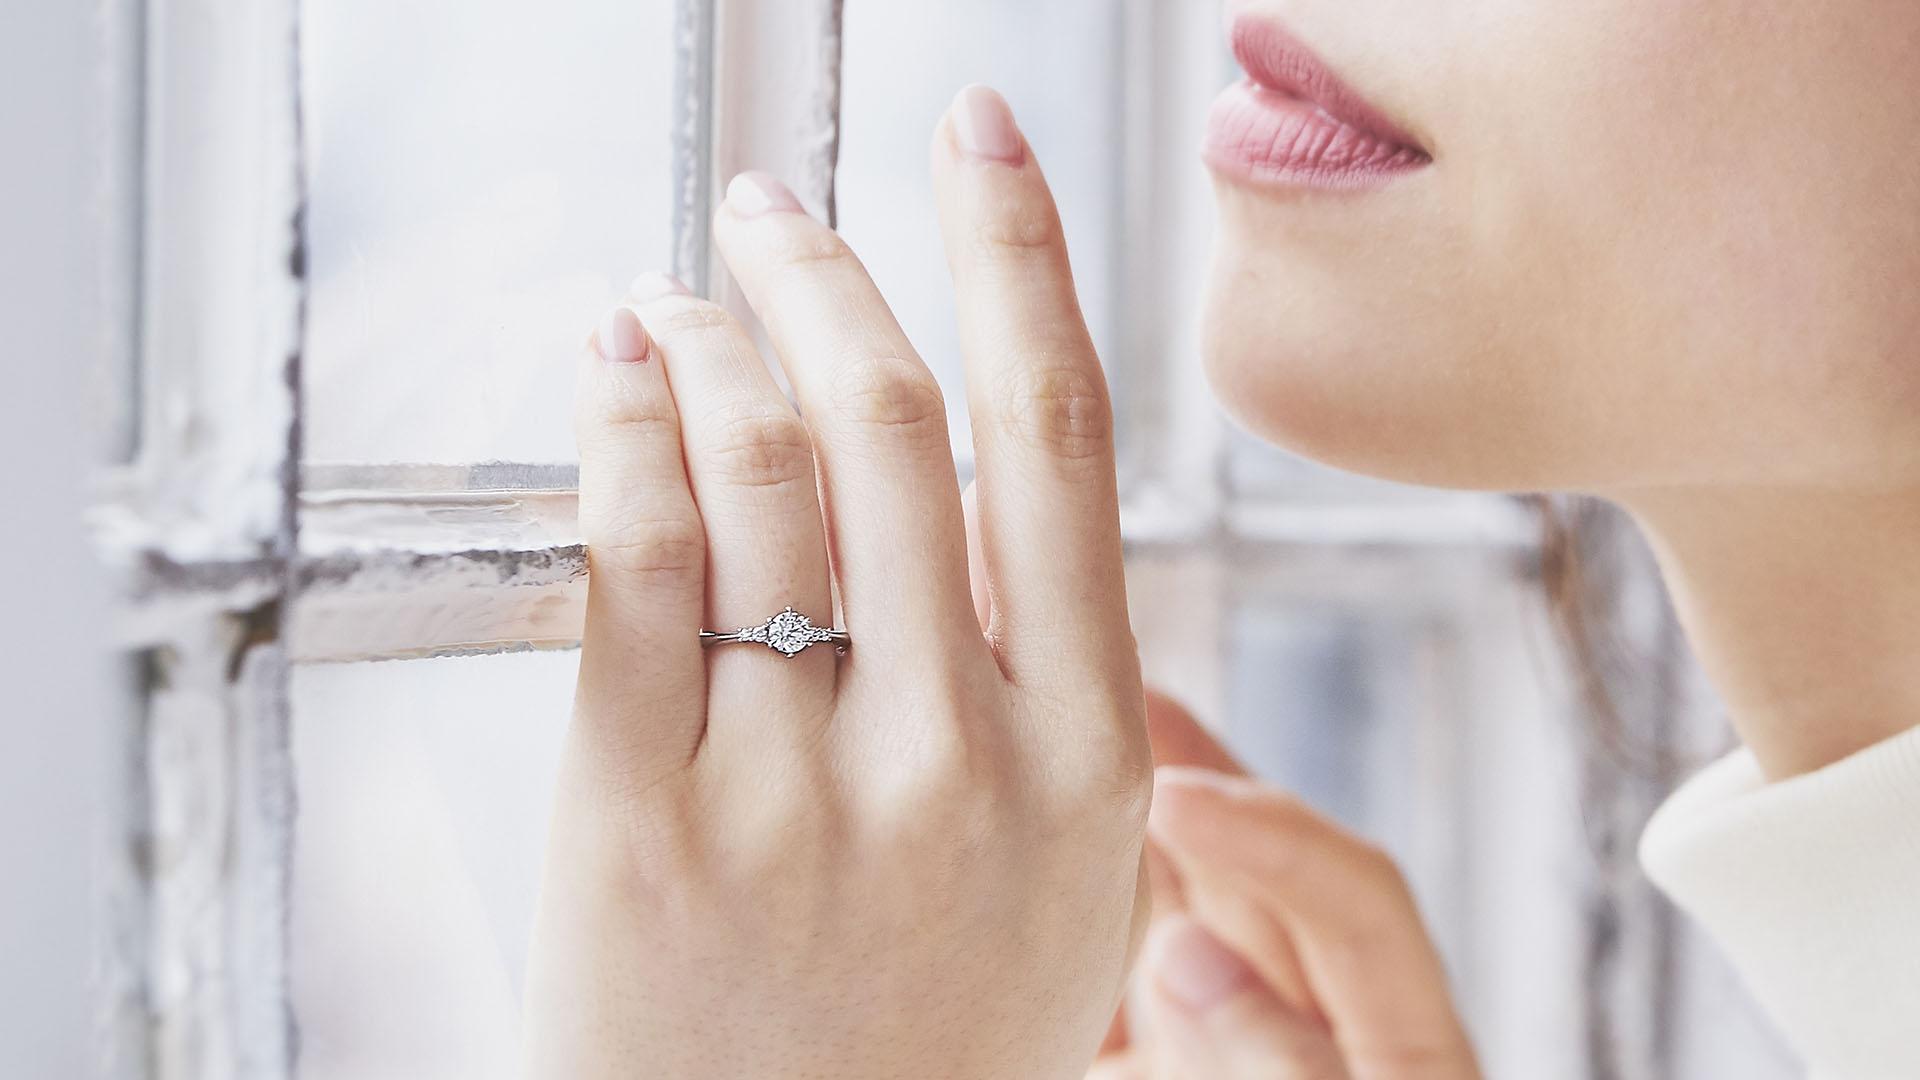 orion オリオン | 婚約指輪サムネイル 5